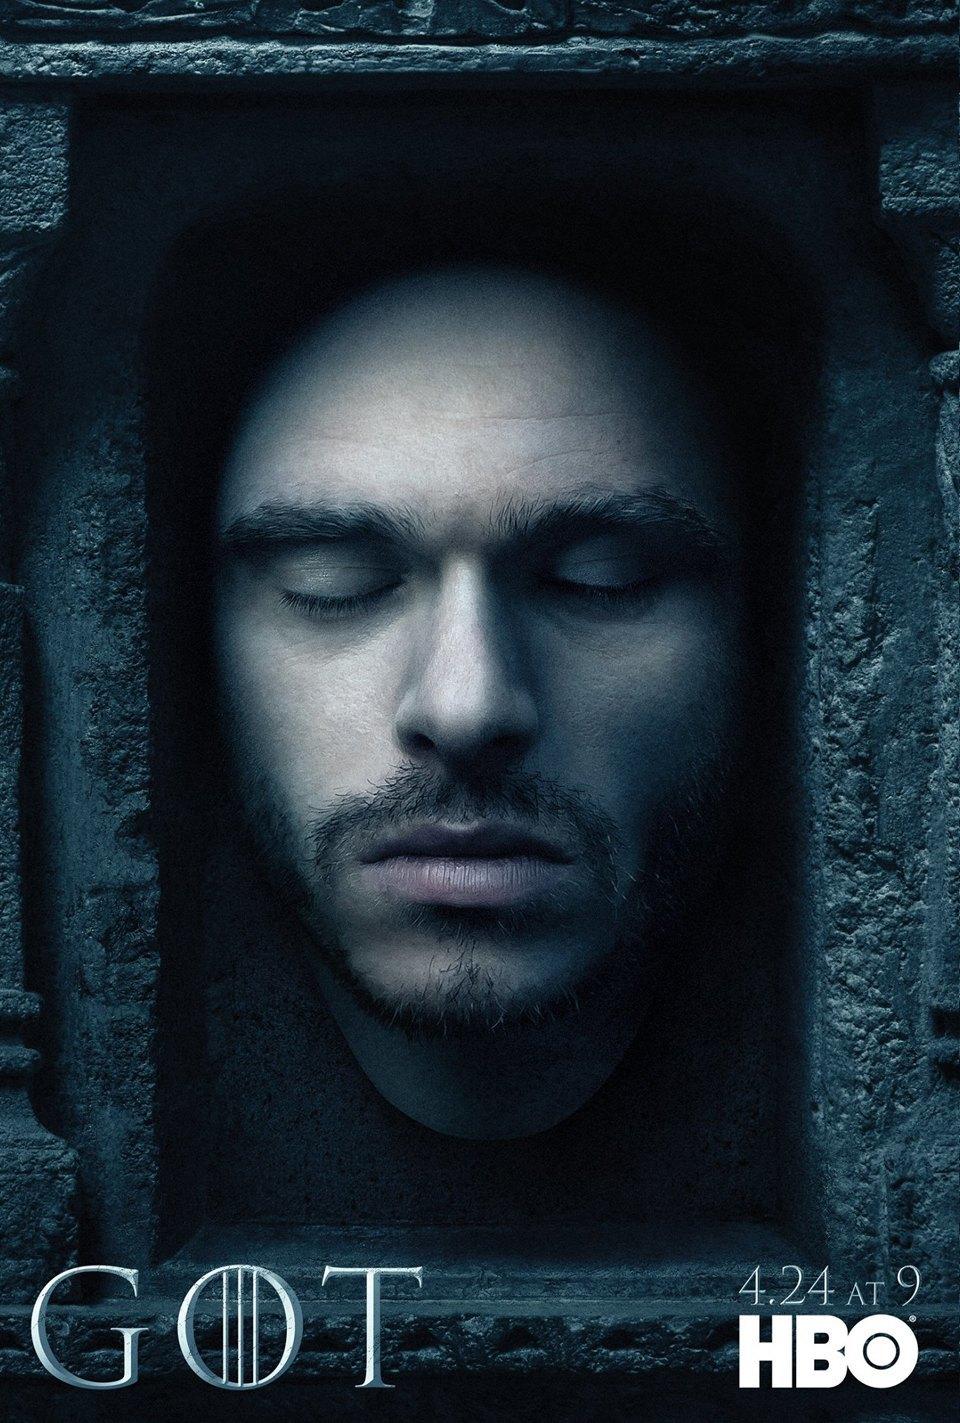 Постеры с героями «Игры престолов» к новому сезону. Изображение № 5.